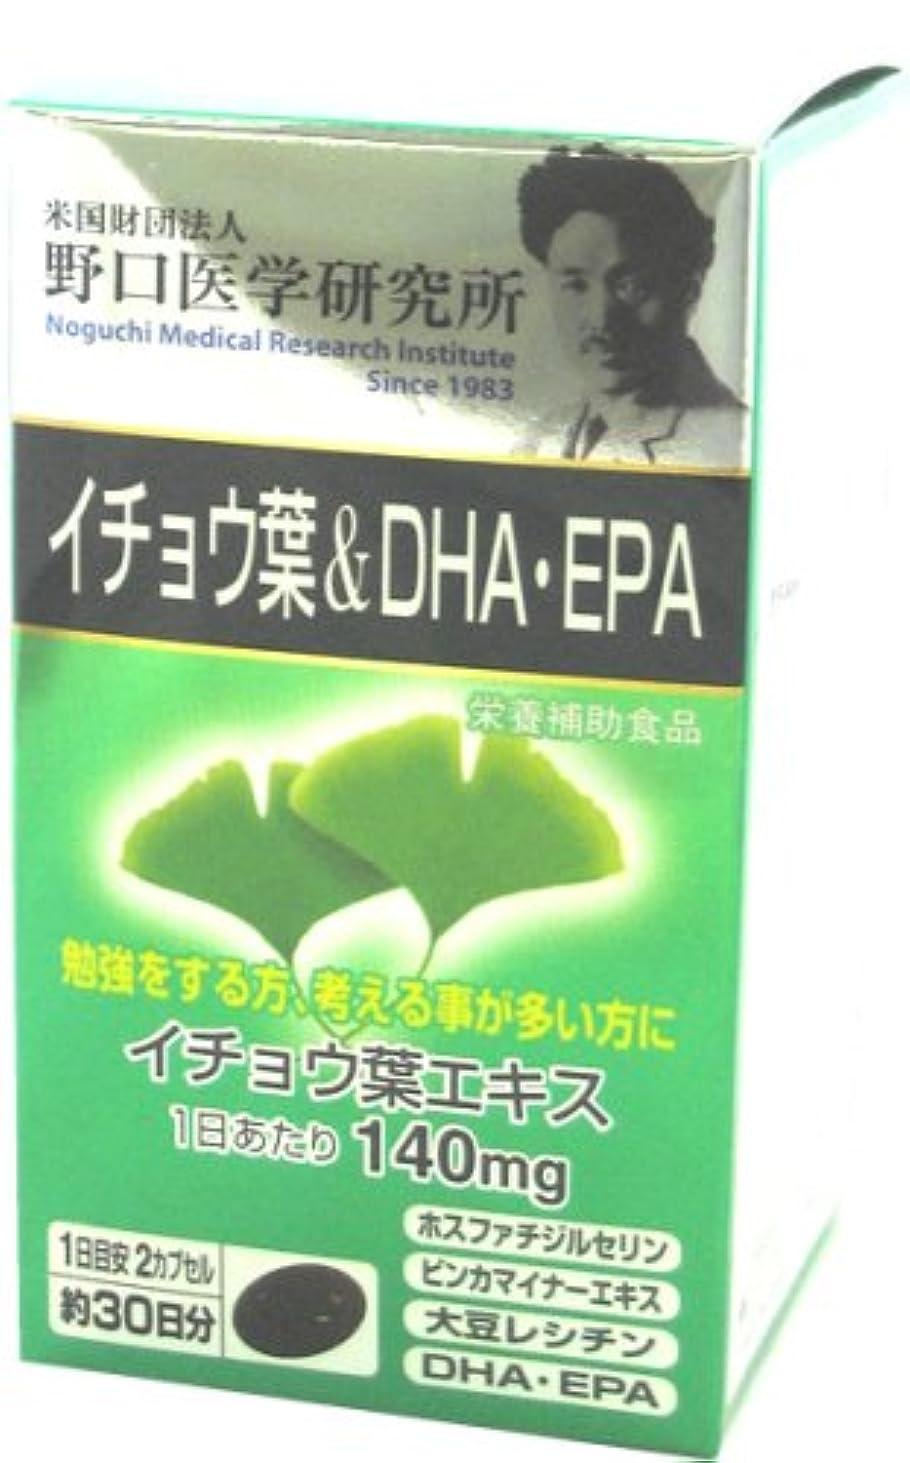 縮約マネージャー含める明治薬品 イチョウ葉&DHA?EPA 470mg×60カプセル